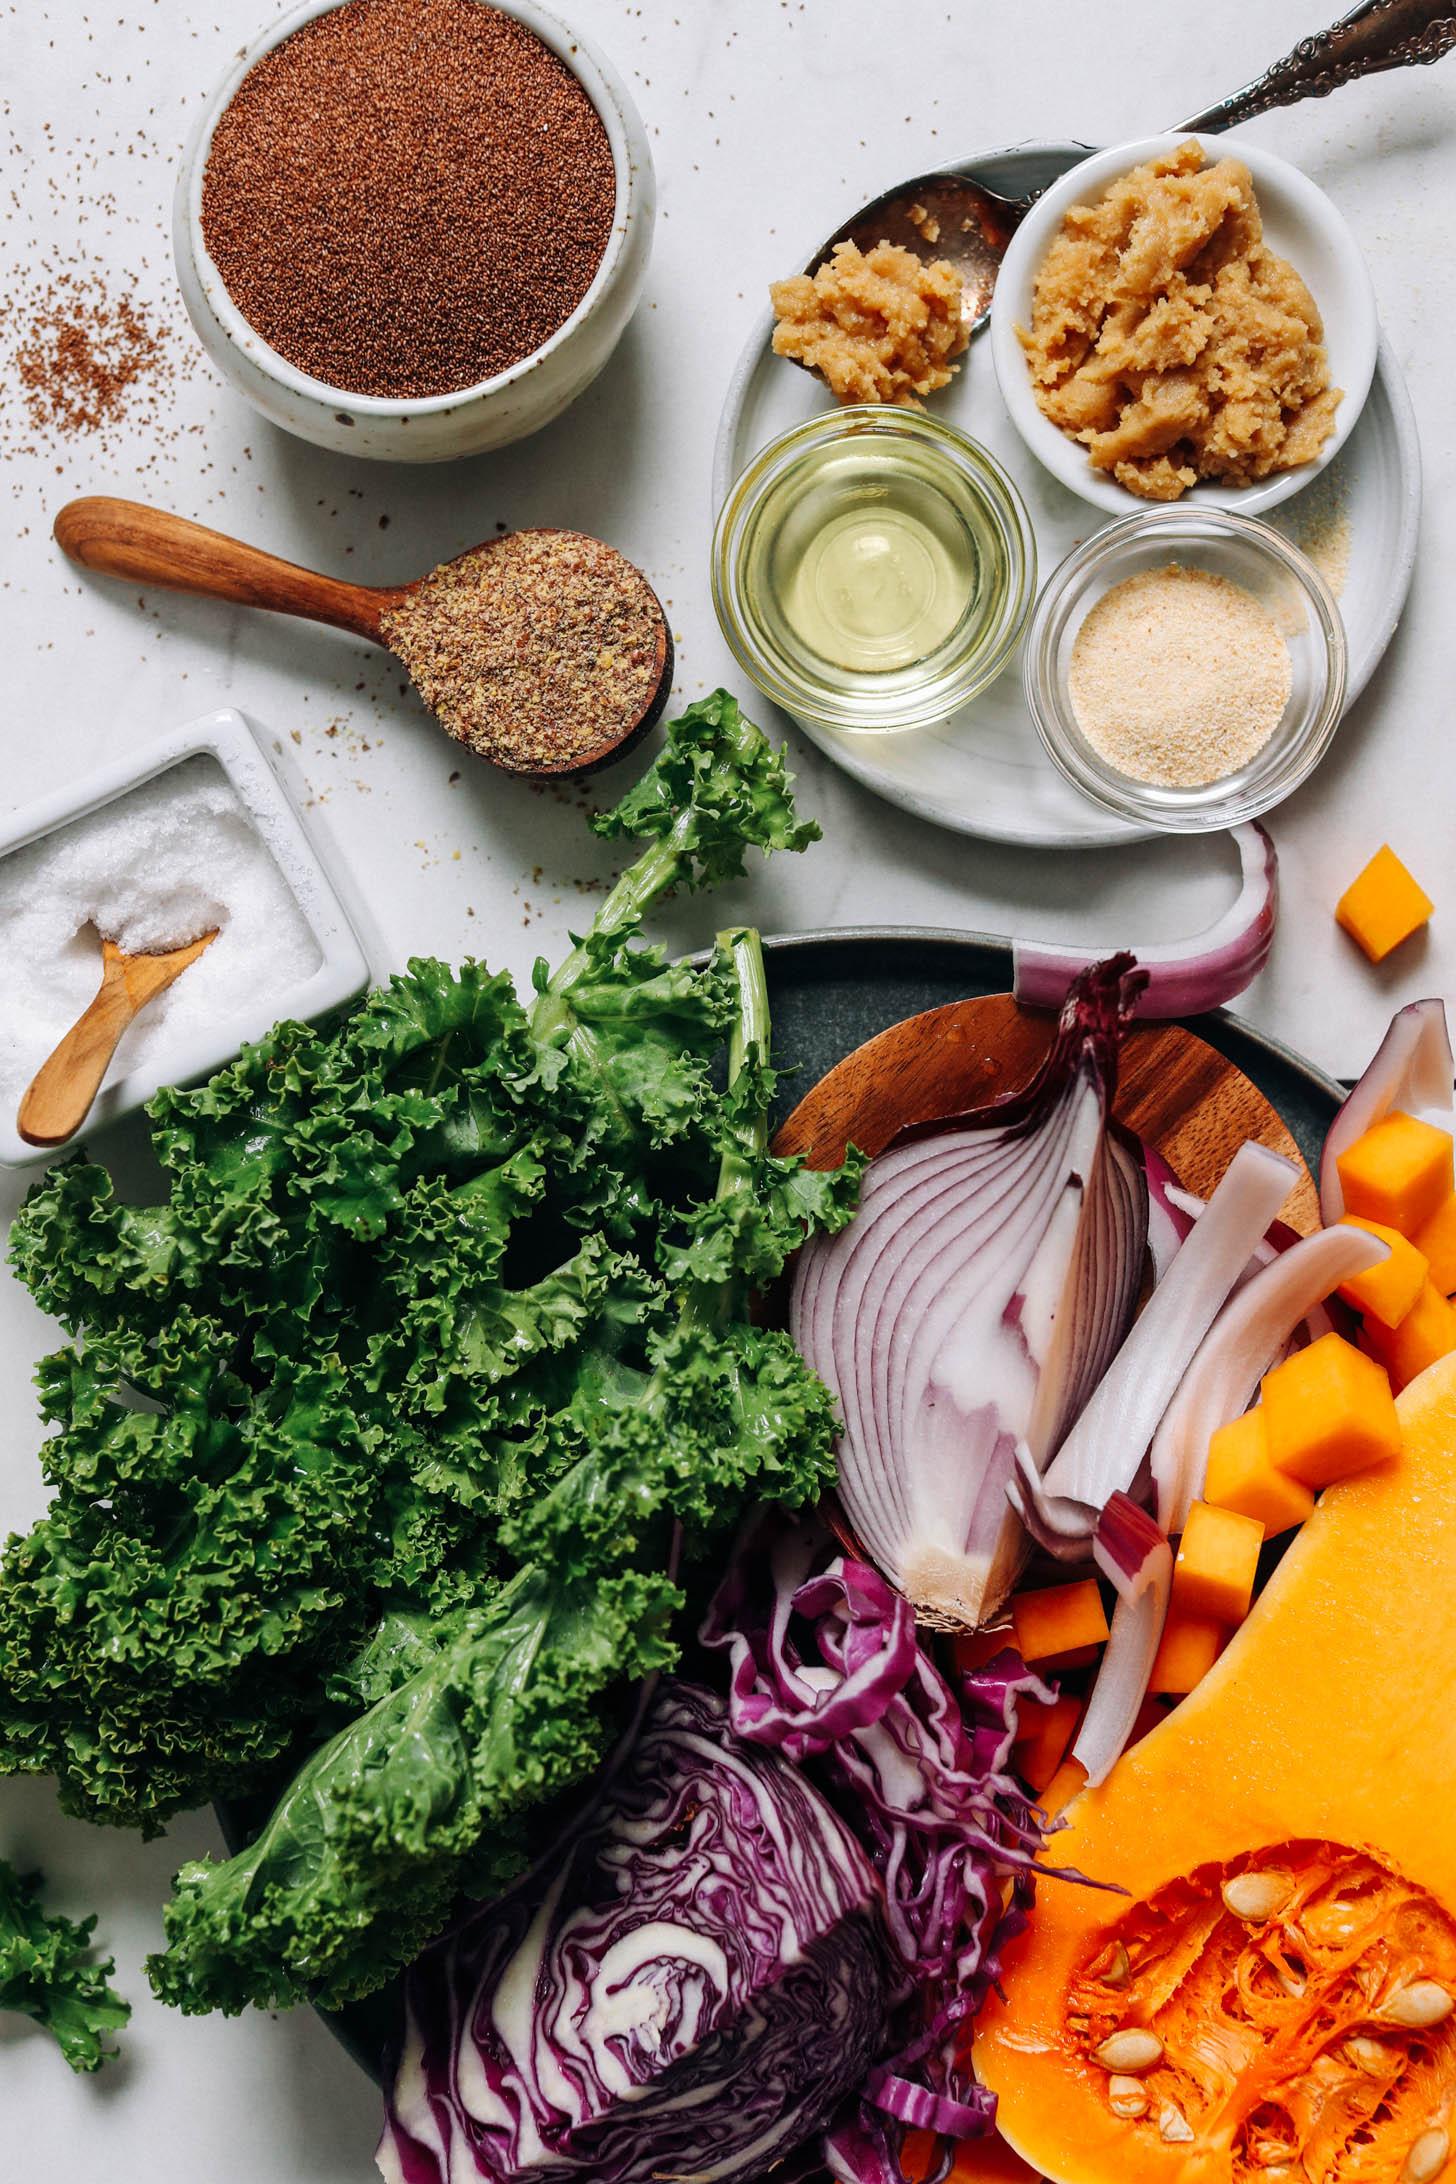 Courge musquée, oignon rouge, chou, chou frisé, sel, farine de graines de lin, huile d'avocat, poudre d'ail, miso et grains de teff entiers